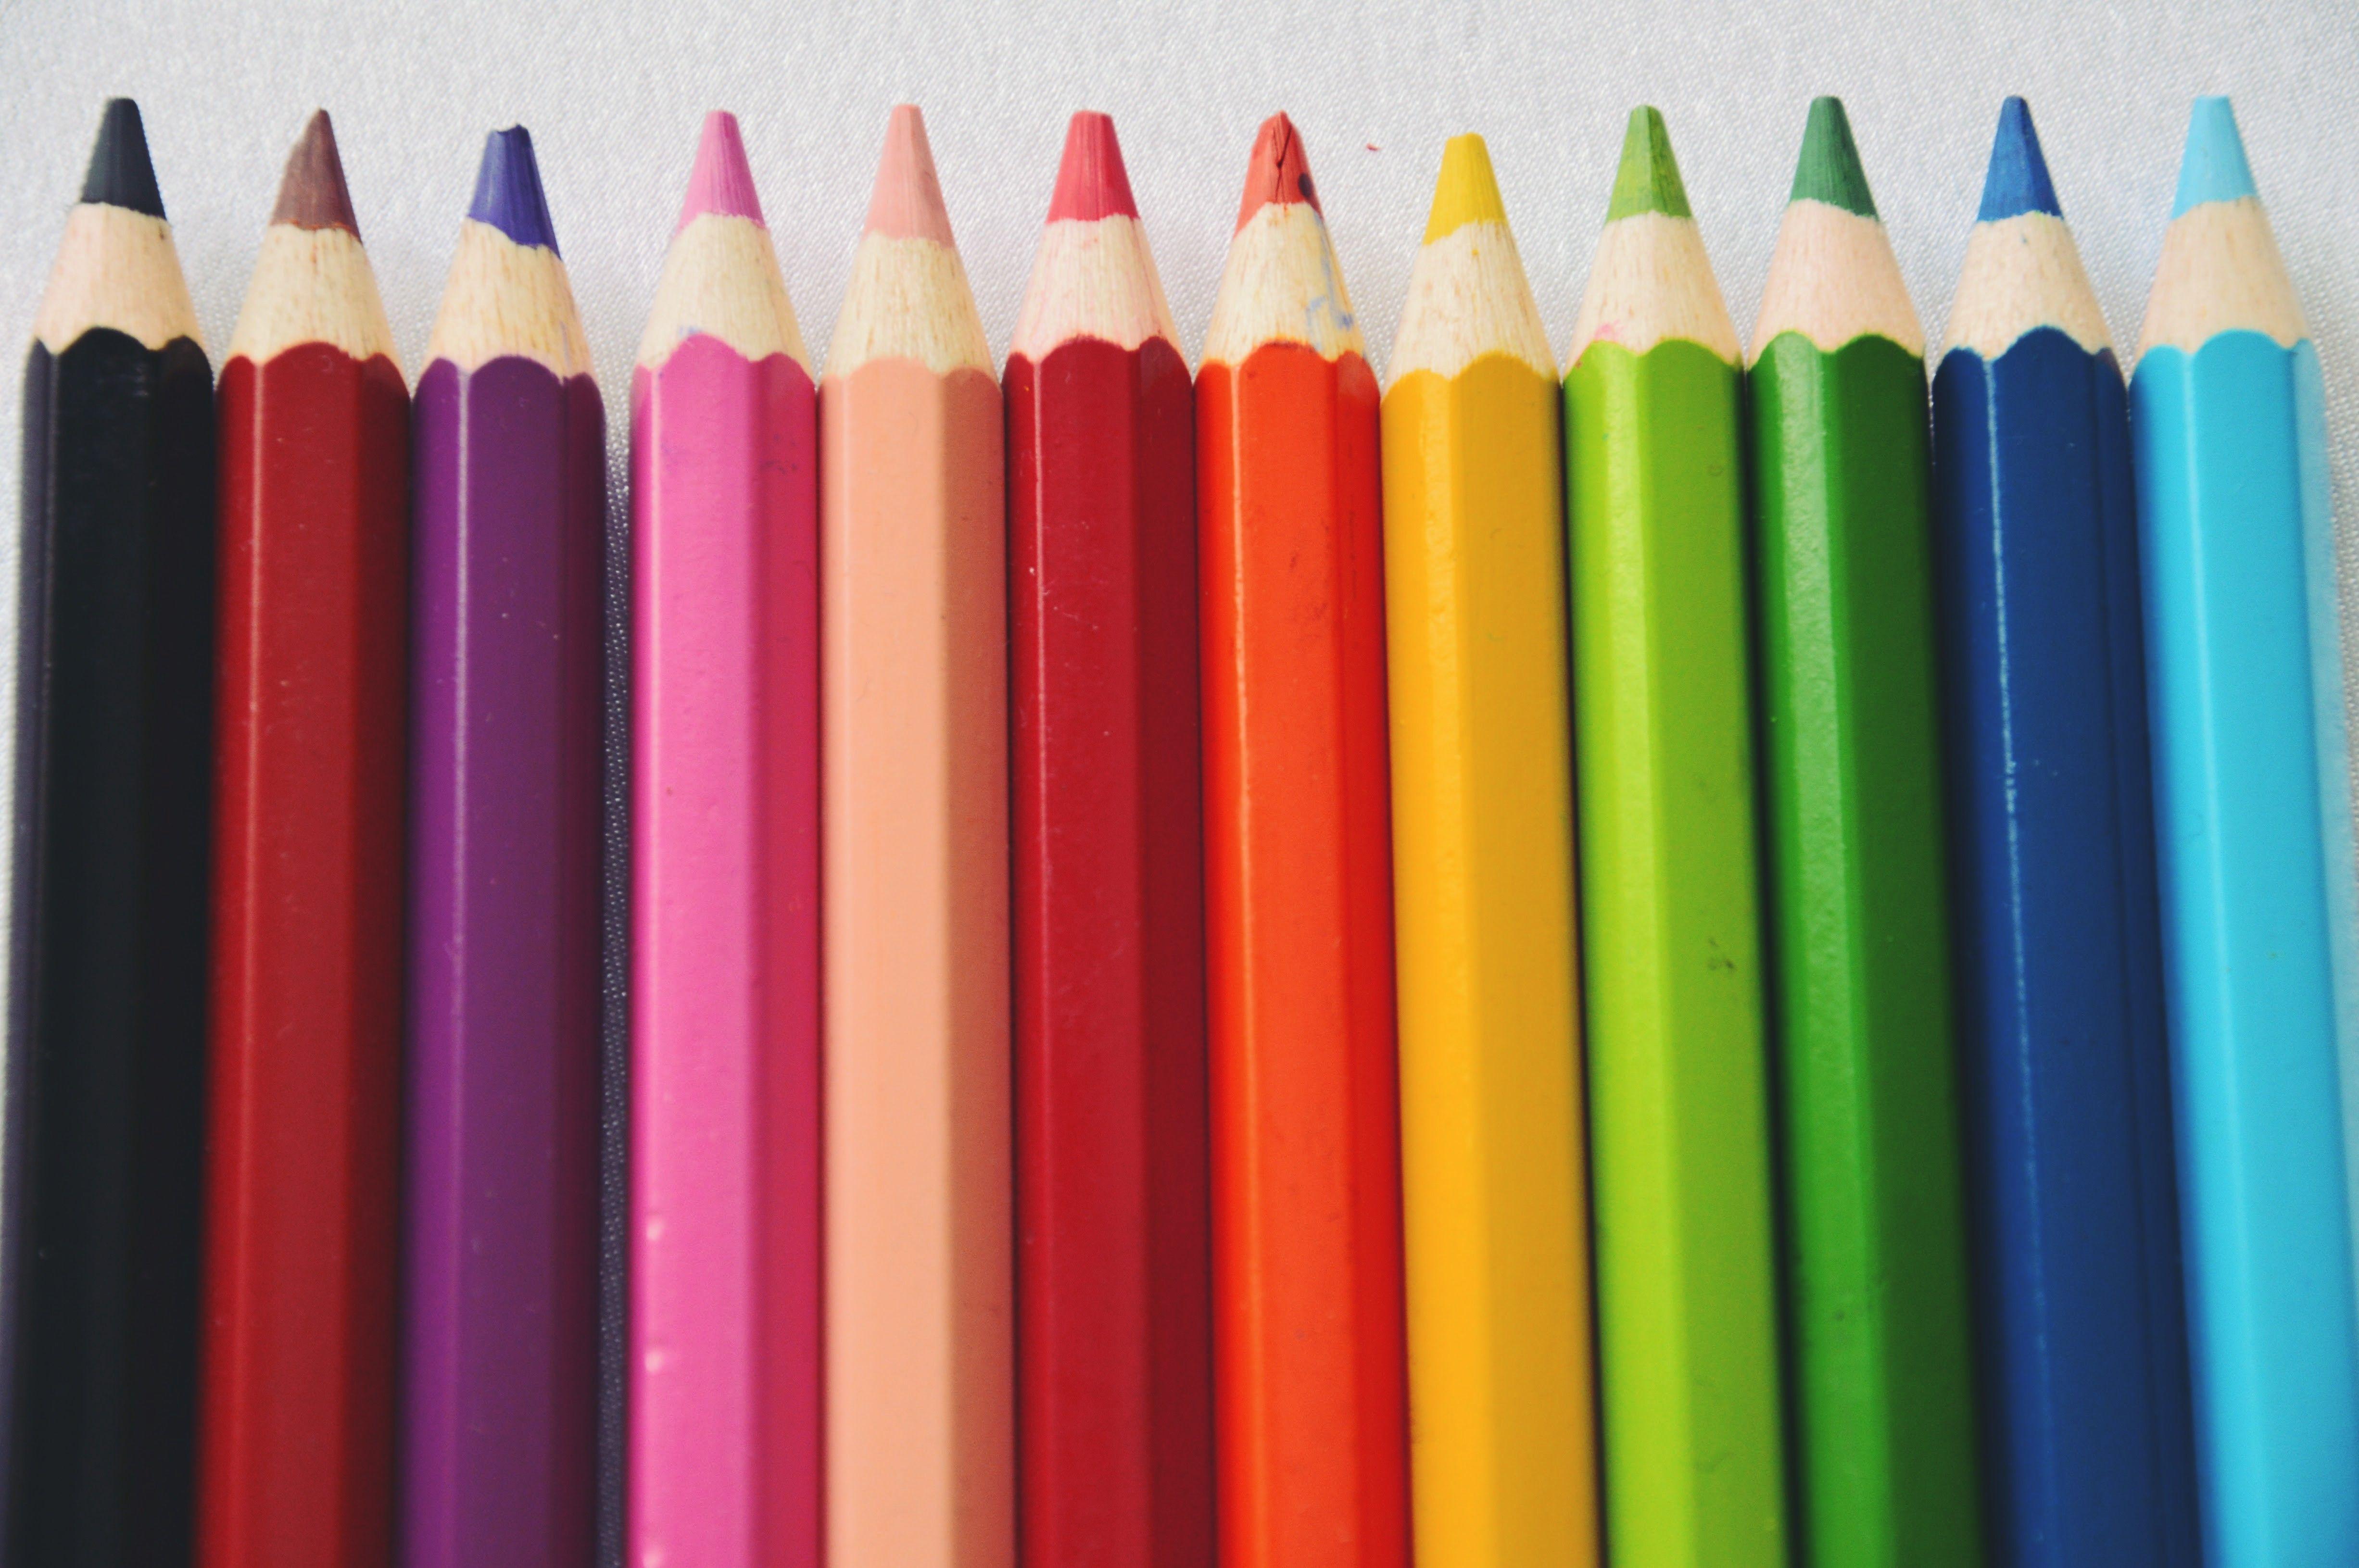 Drawn red rose pencil crayon Tip Blending Pencil  Drawing